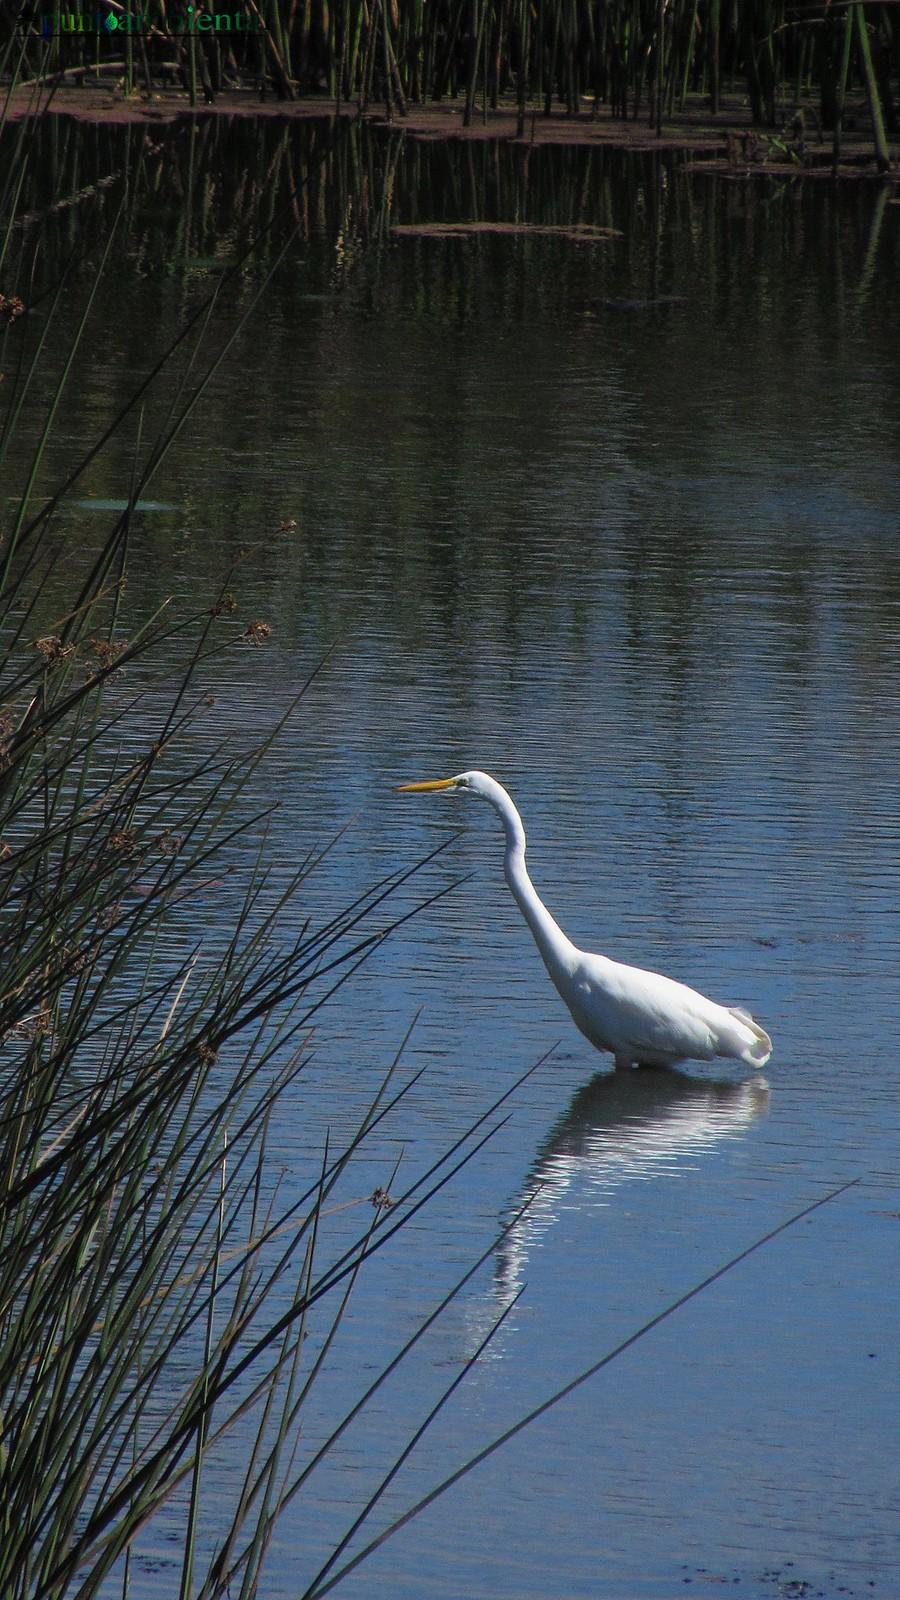 Garza Blanca Grande Garza Blanca Grande 2 | Flickr